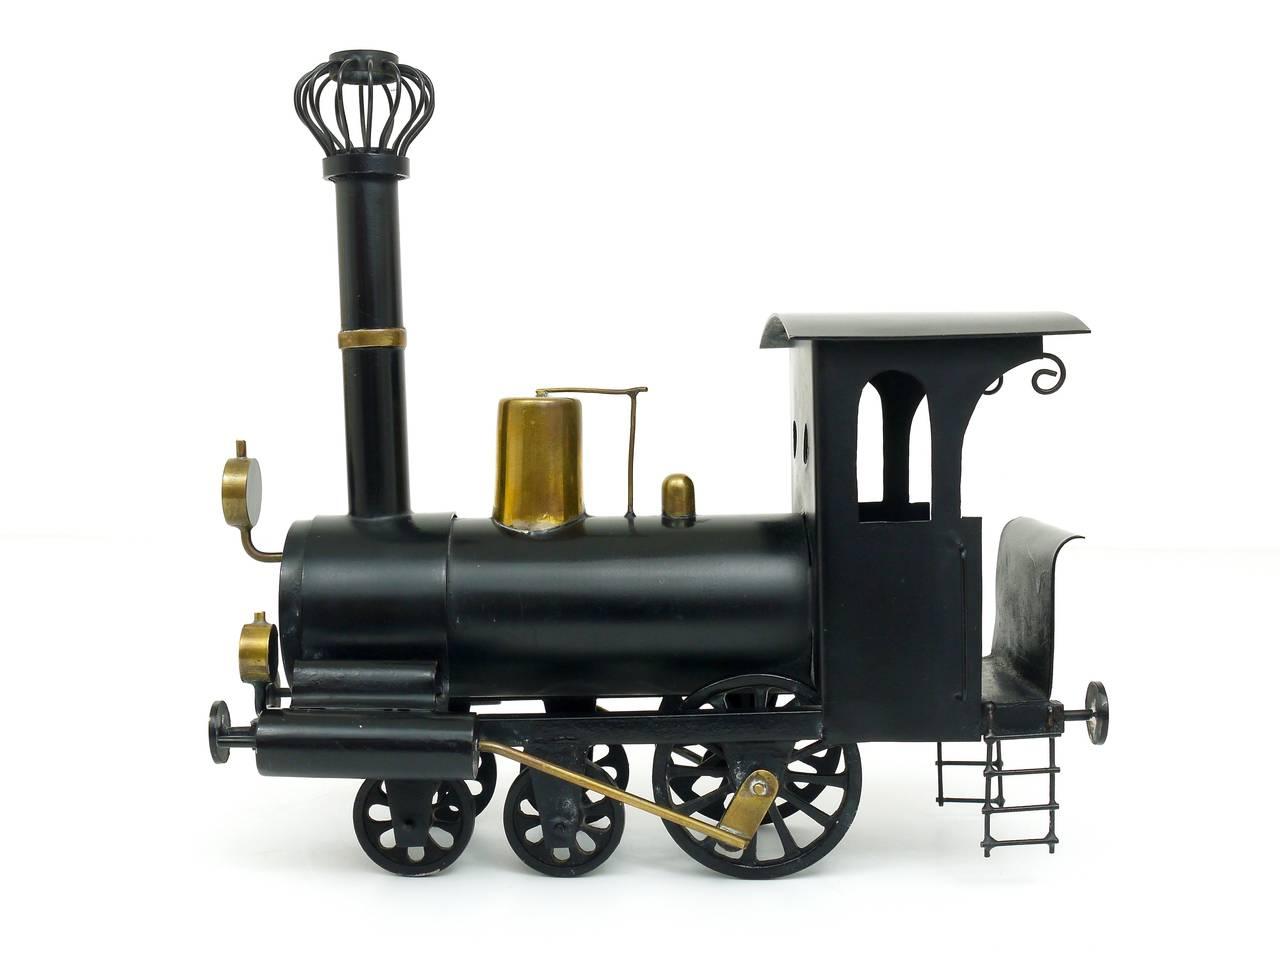 Rare WHW Hagenauer Brass Locomotive Steam Engine, Austria, 1920s In Excellent Condition For Sale In Vienna, AT